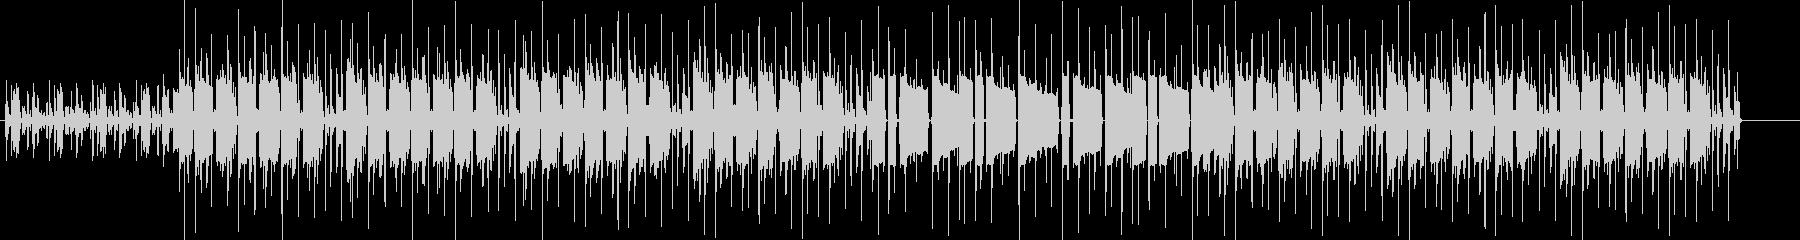 脈動するメロウなエレクトロニカサウ...の未再生の波形